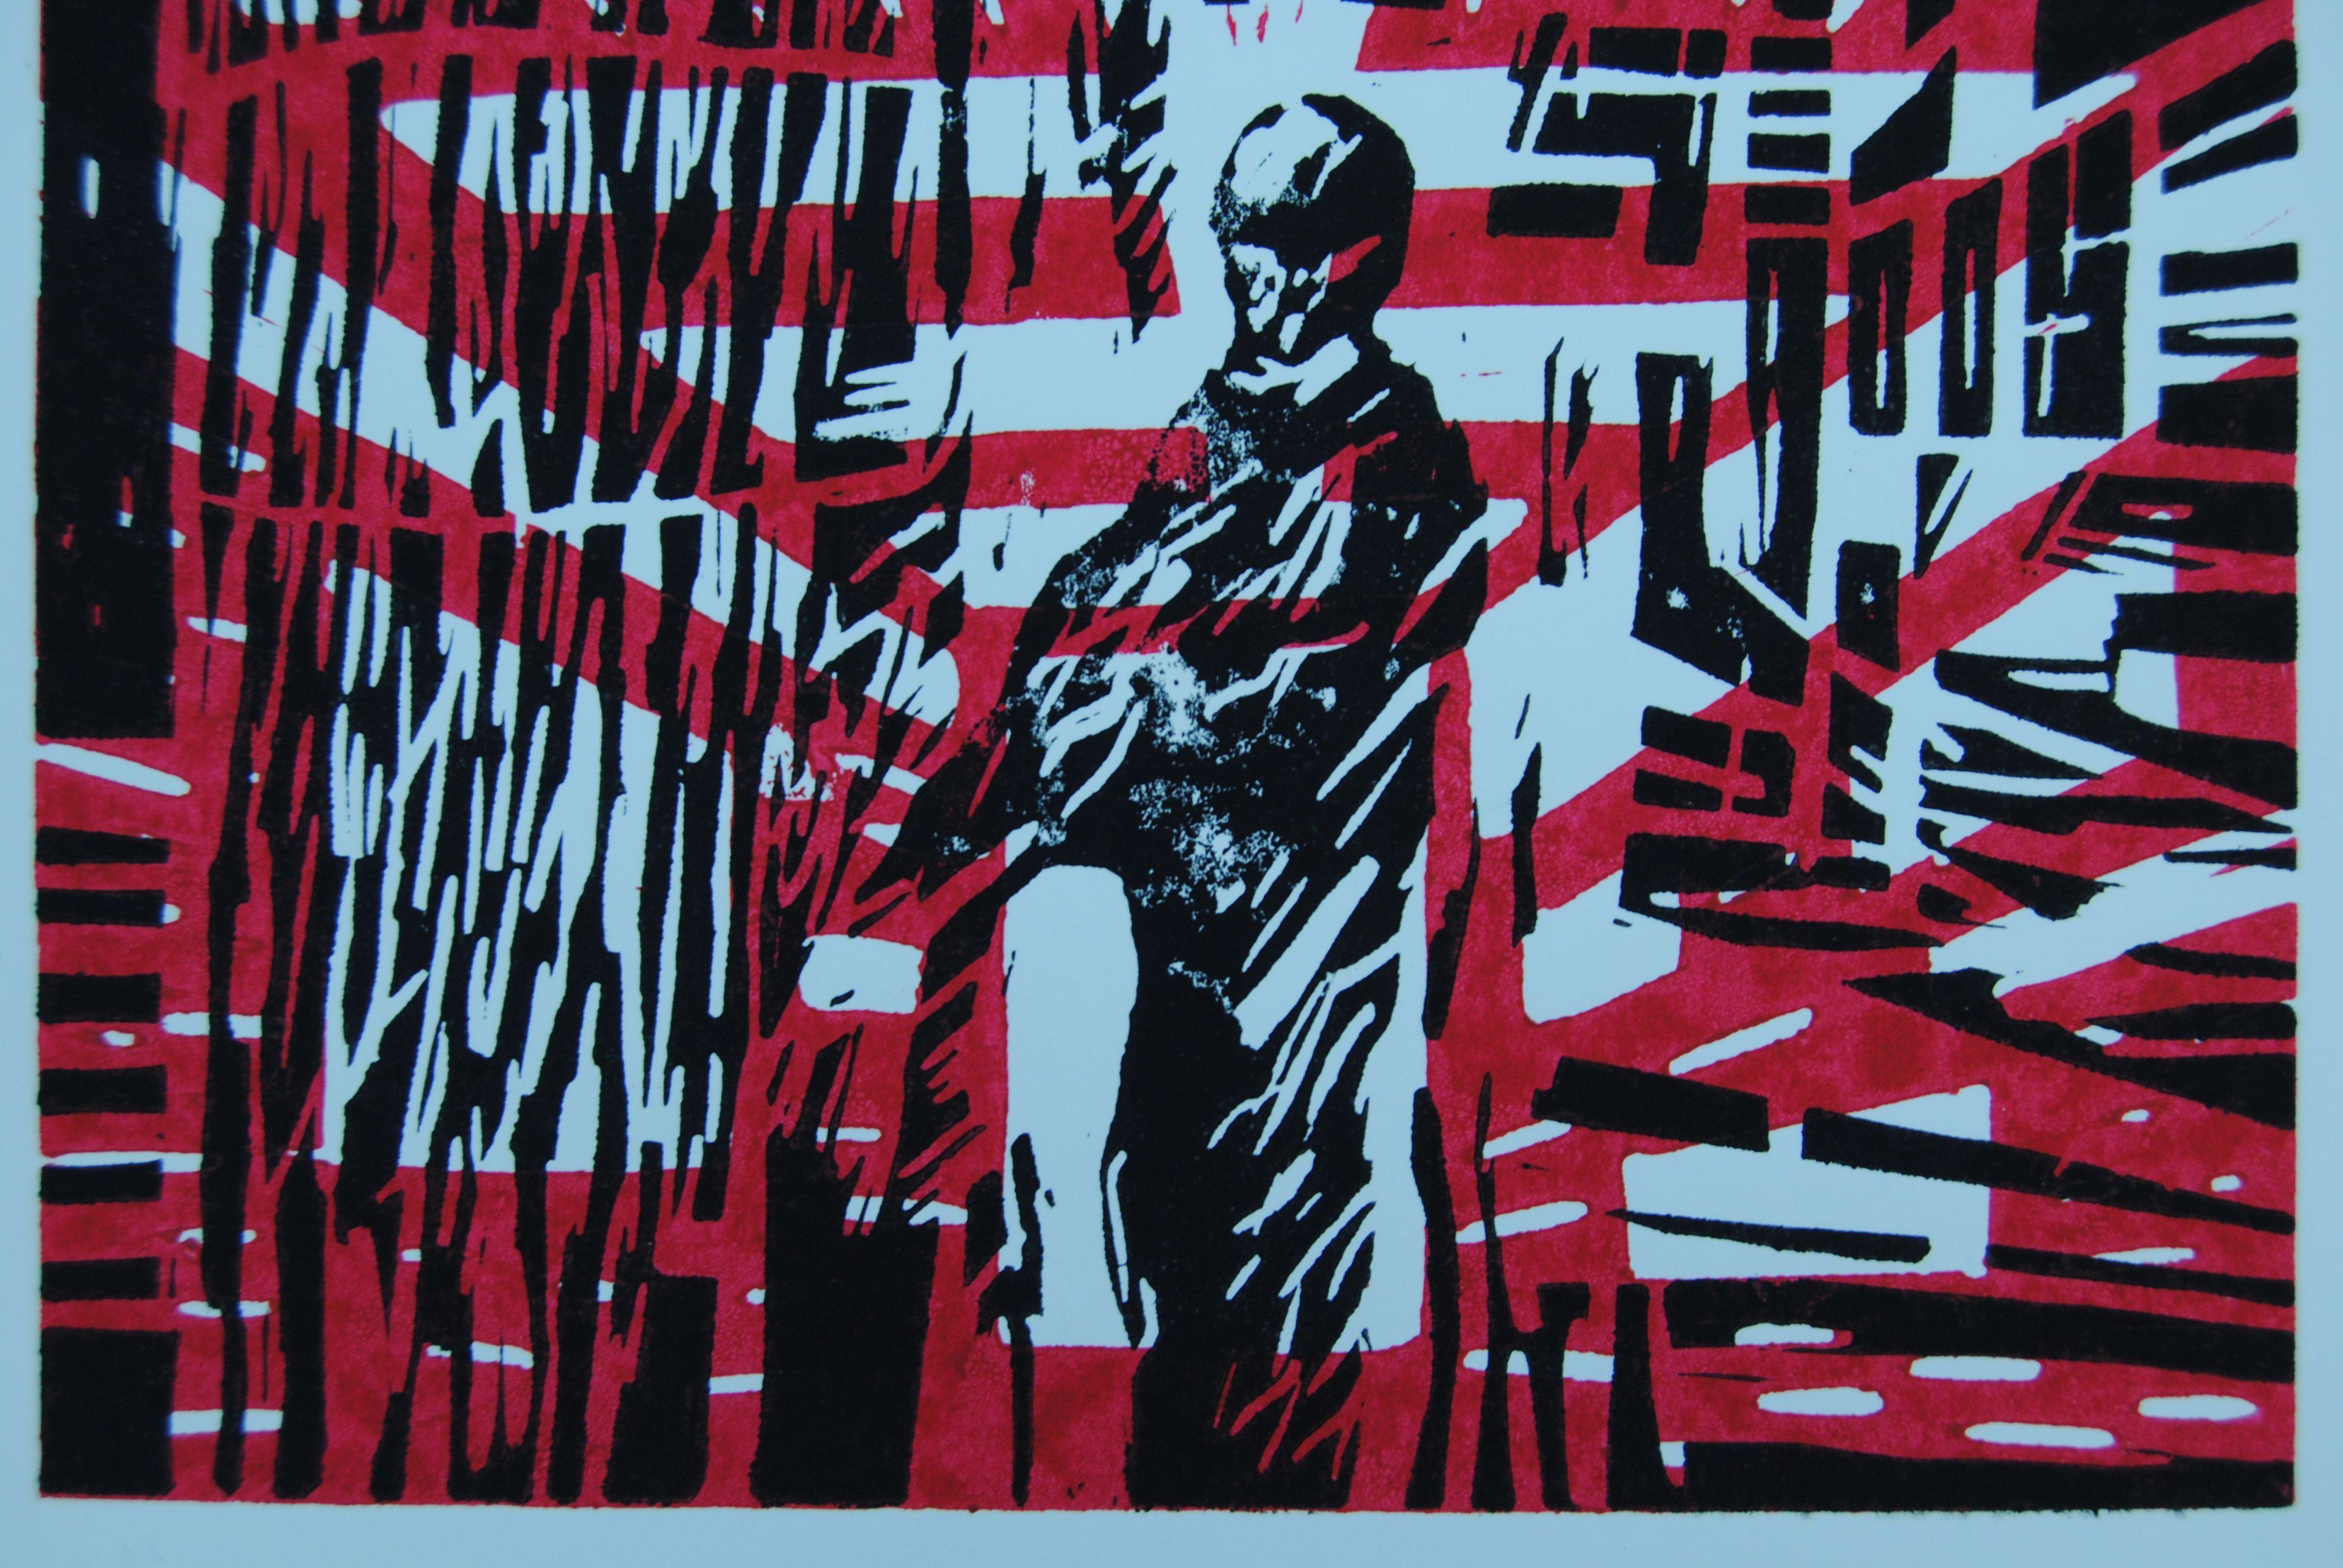 Bauarbeiter, 2010, Linolschnitt